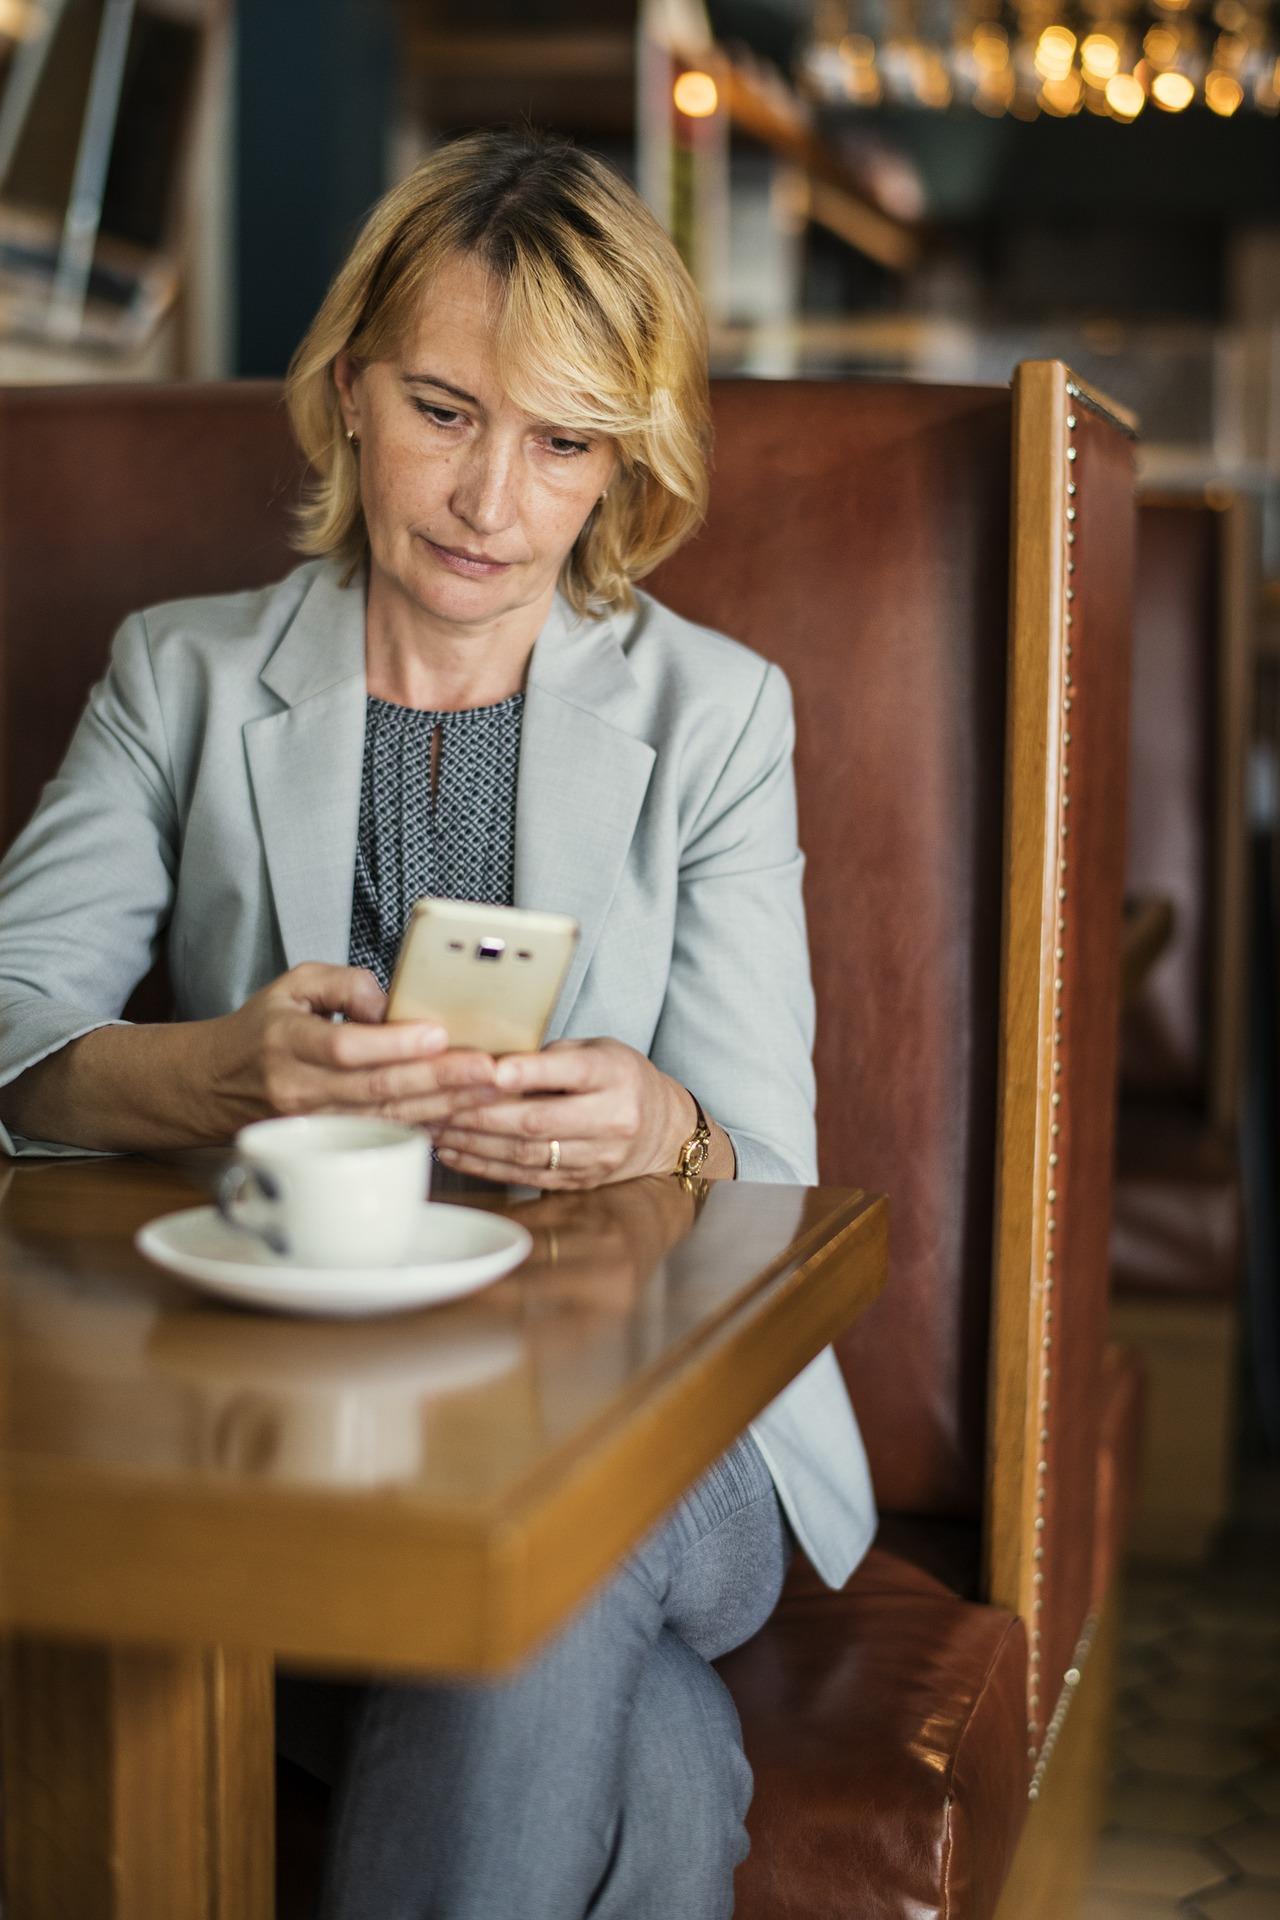 Cinco cosas que deben saber las mujeres sobre su retiro